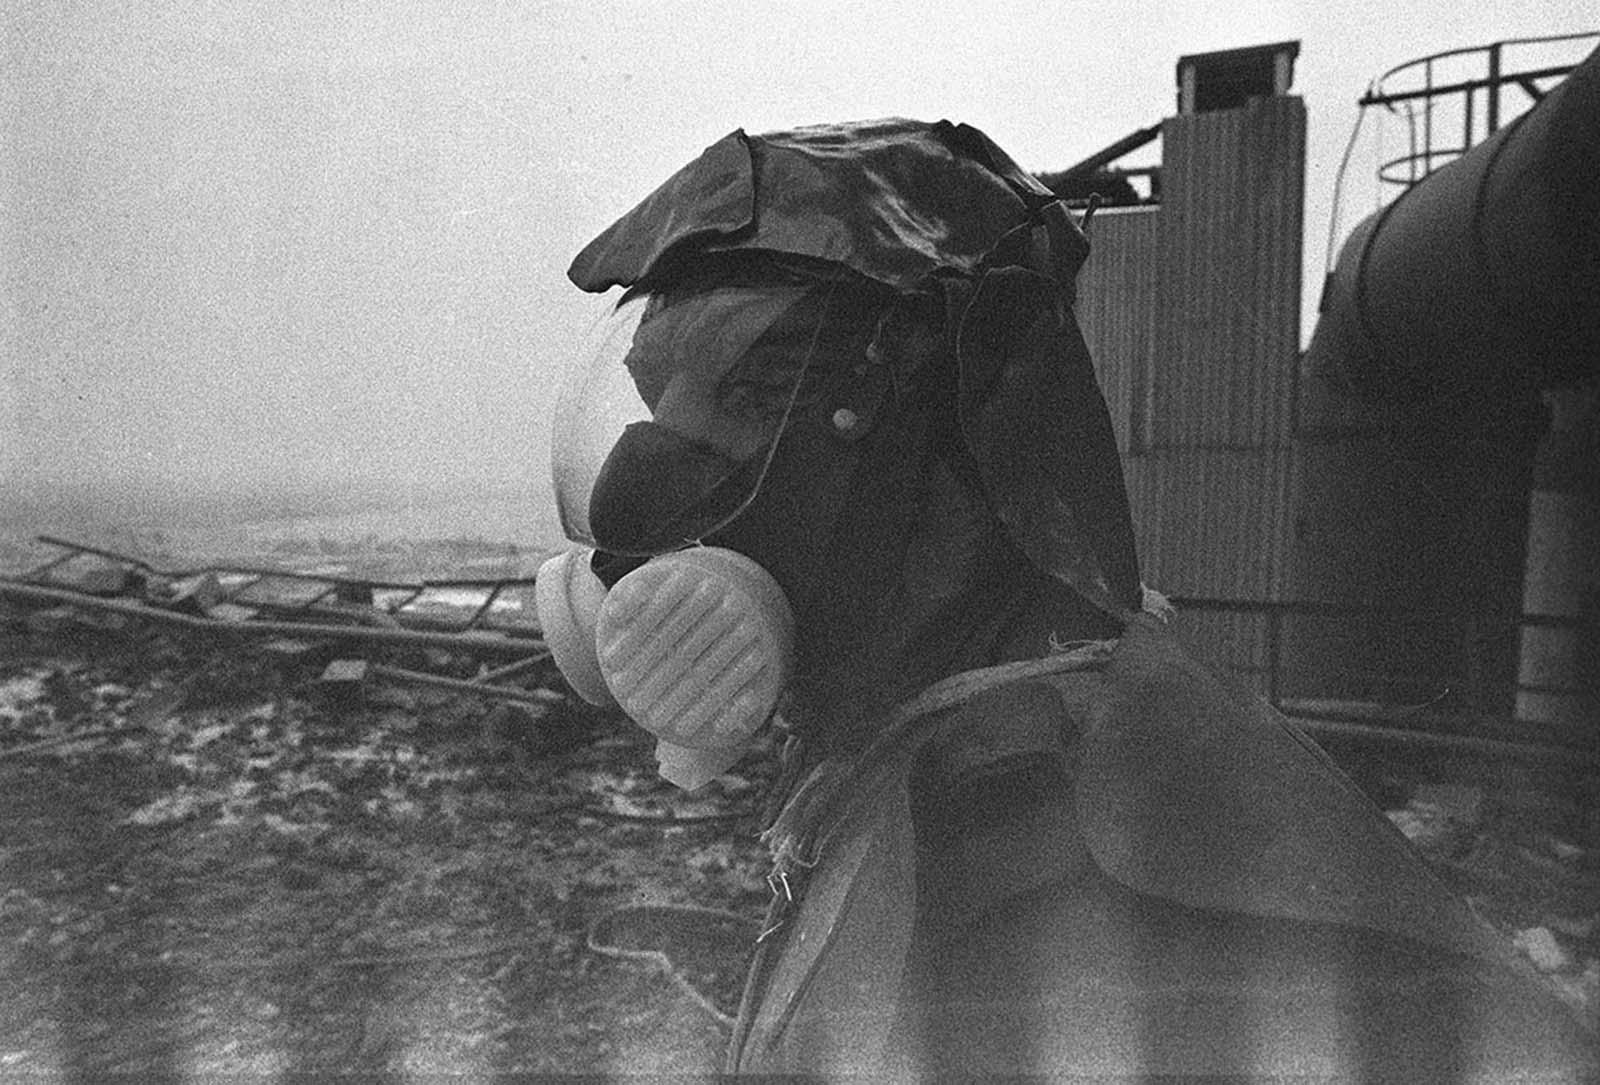 Un liquidador, equipado con protección de plomo hecha a mano en su cabeza, trabaja para limpiar el techo del reactor No. 3.